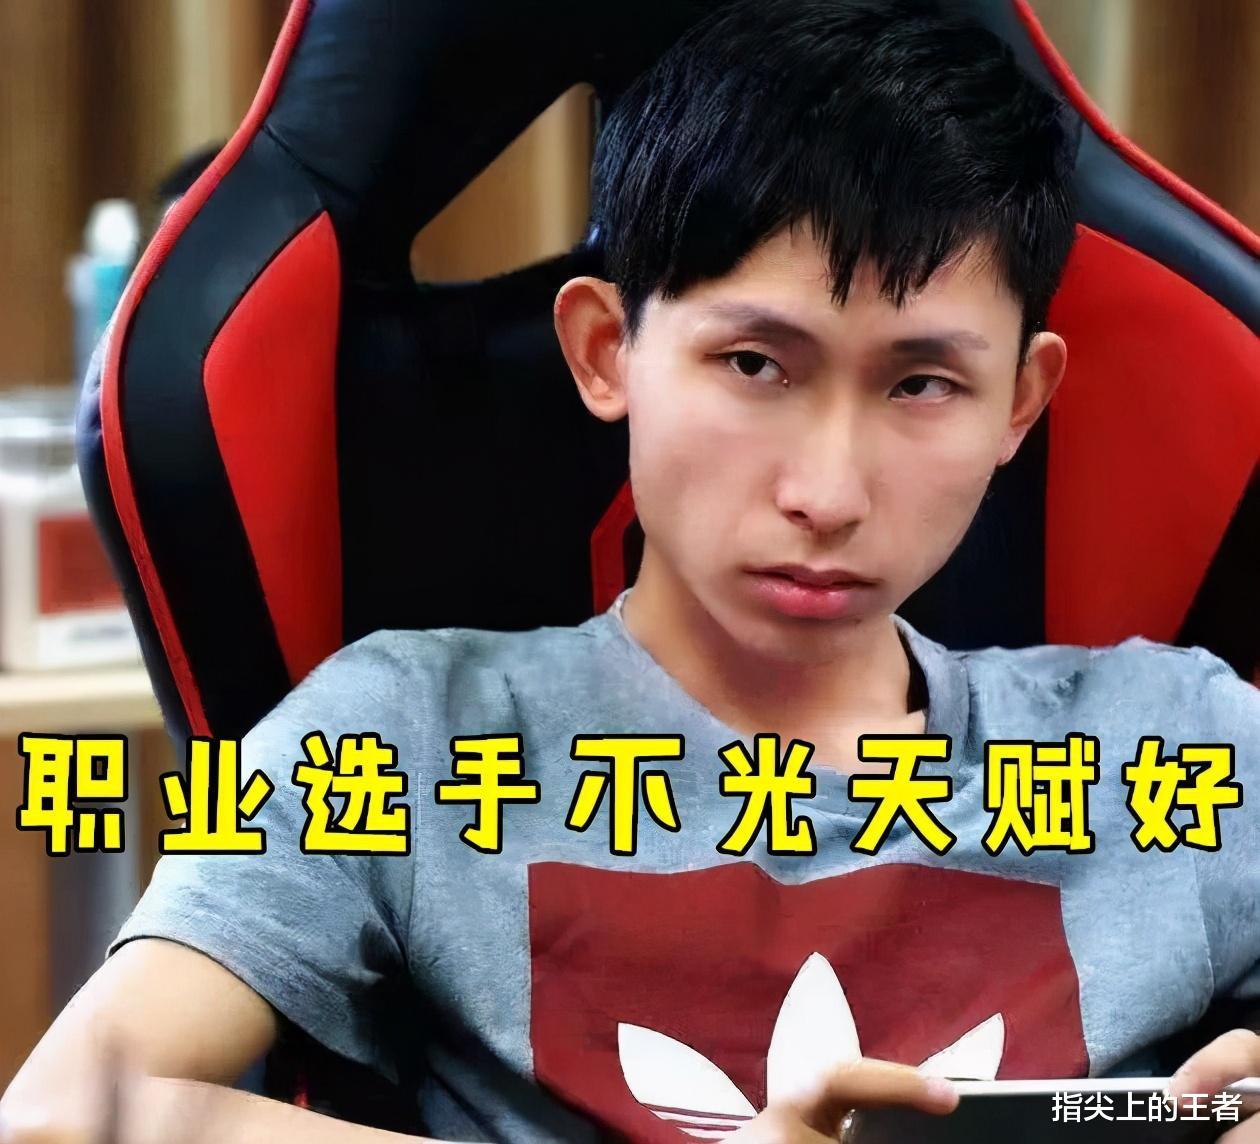 仙剑奇缘3官网_菜鸟玩家都有一个特点,侥幸且贪婪,人人都有,就看你改变多少-第1张图片-游戏摸鱼怪